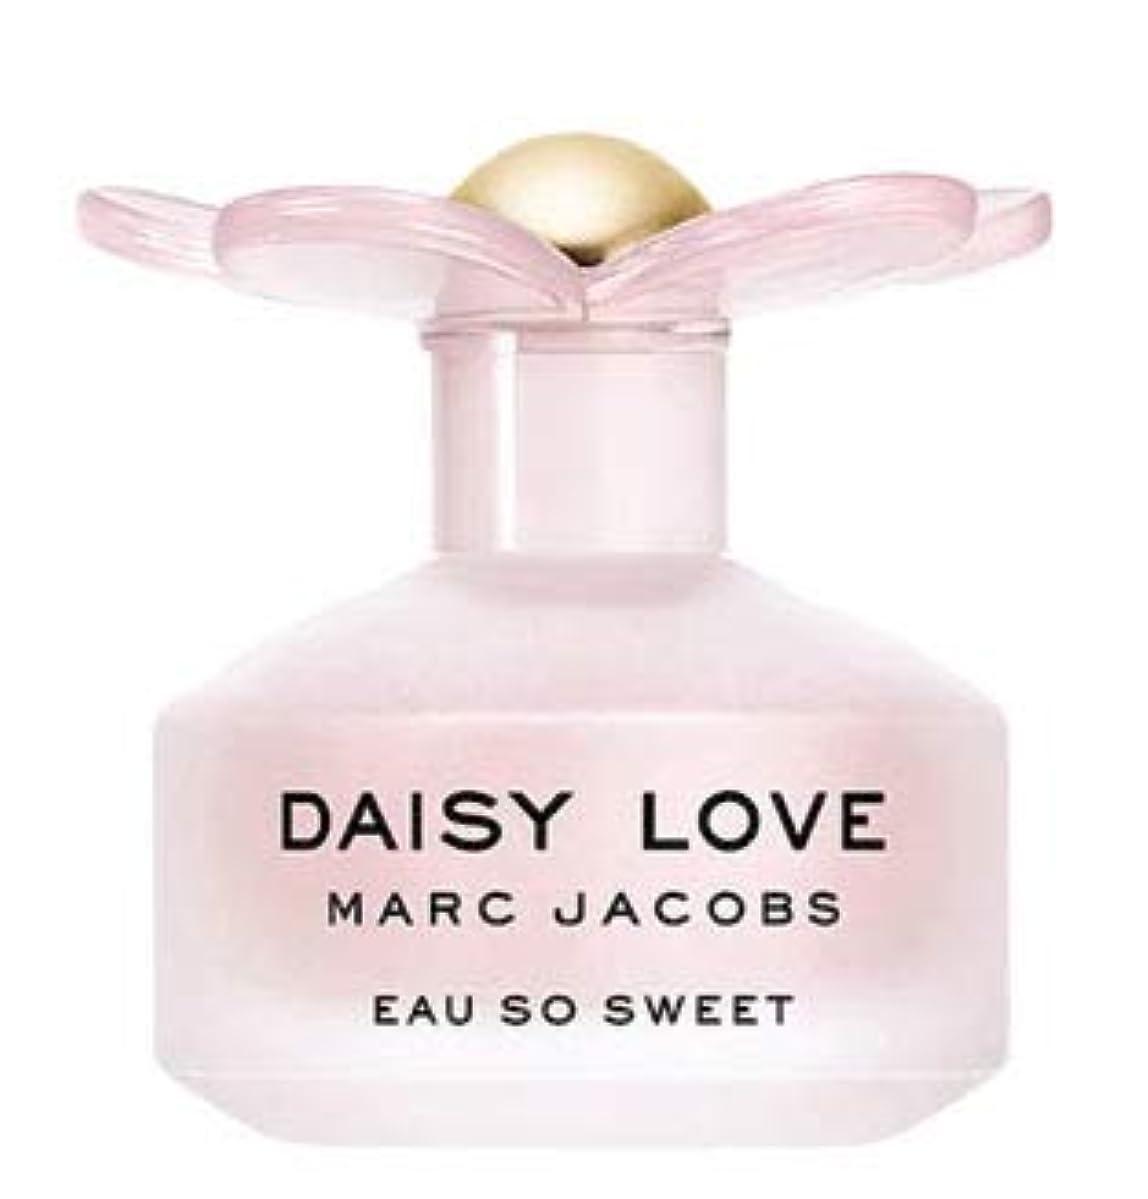 原稿酸度またはMARC JACOBS, Daisy Love Eau So Sweet - 5 mL [海外直送品] [並行輸入品]